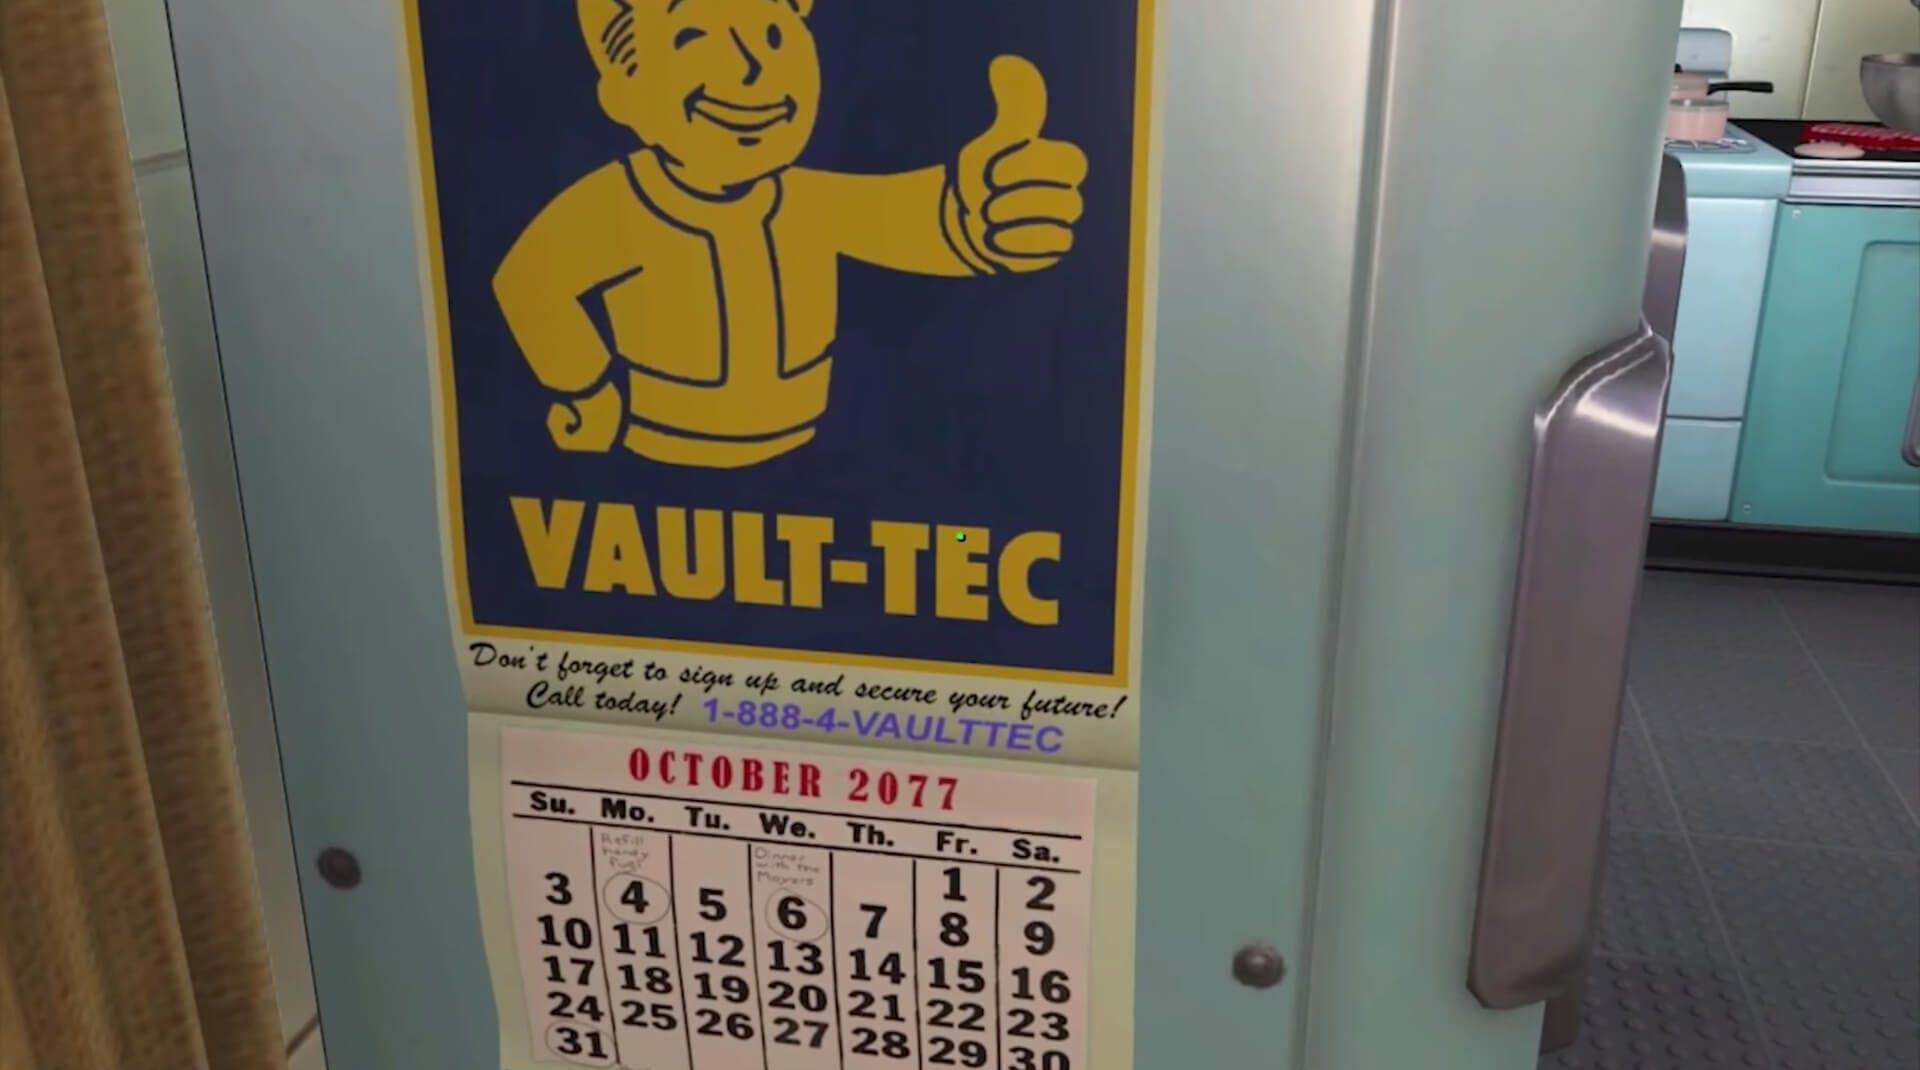 Fallout 4 secrets - Vault Tec phone number